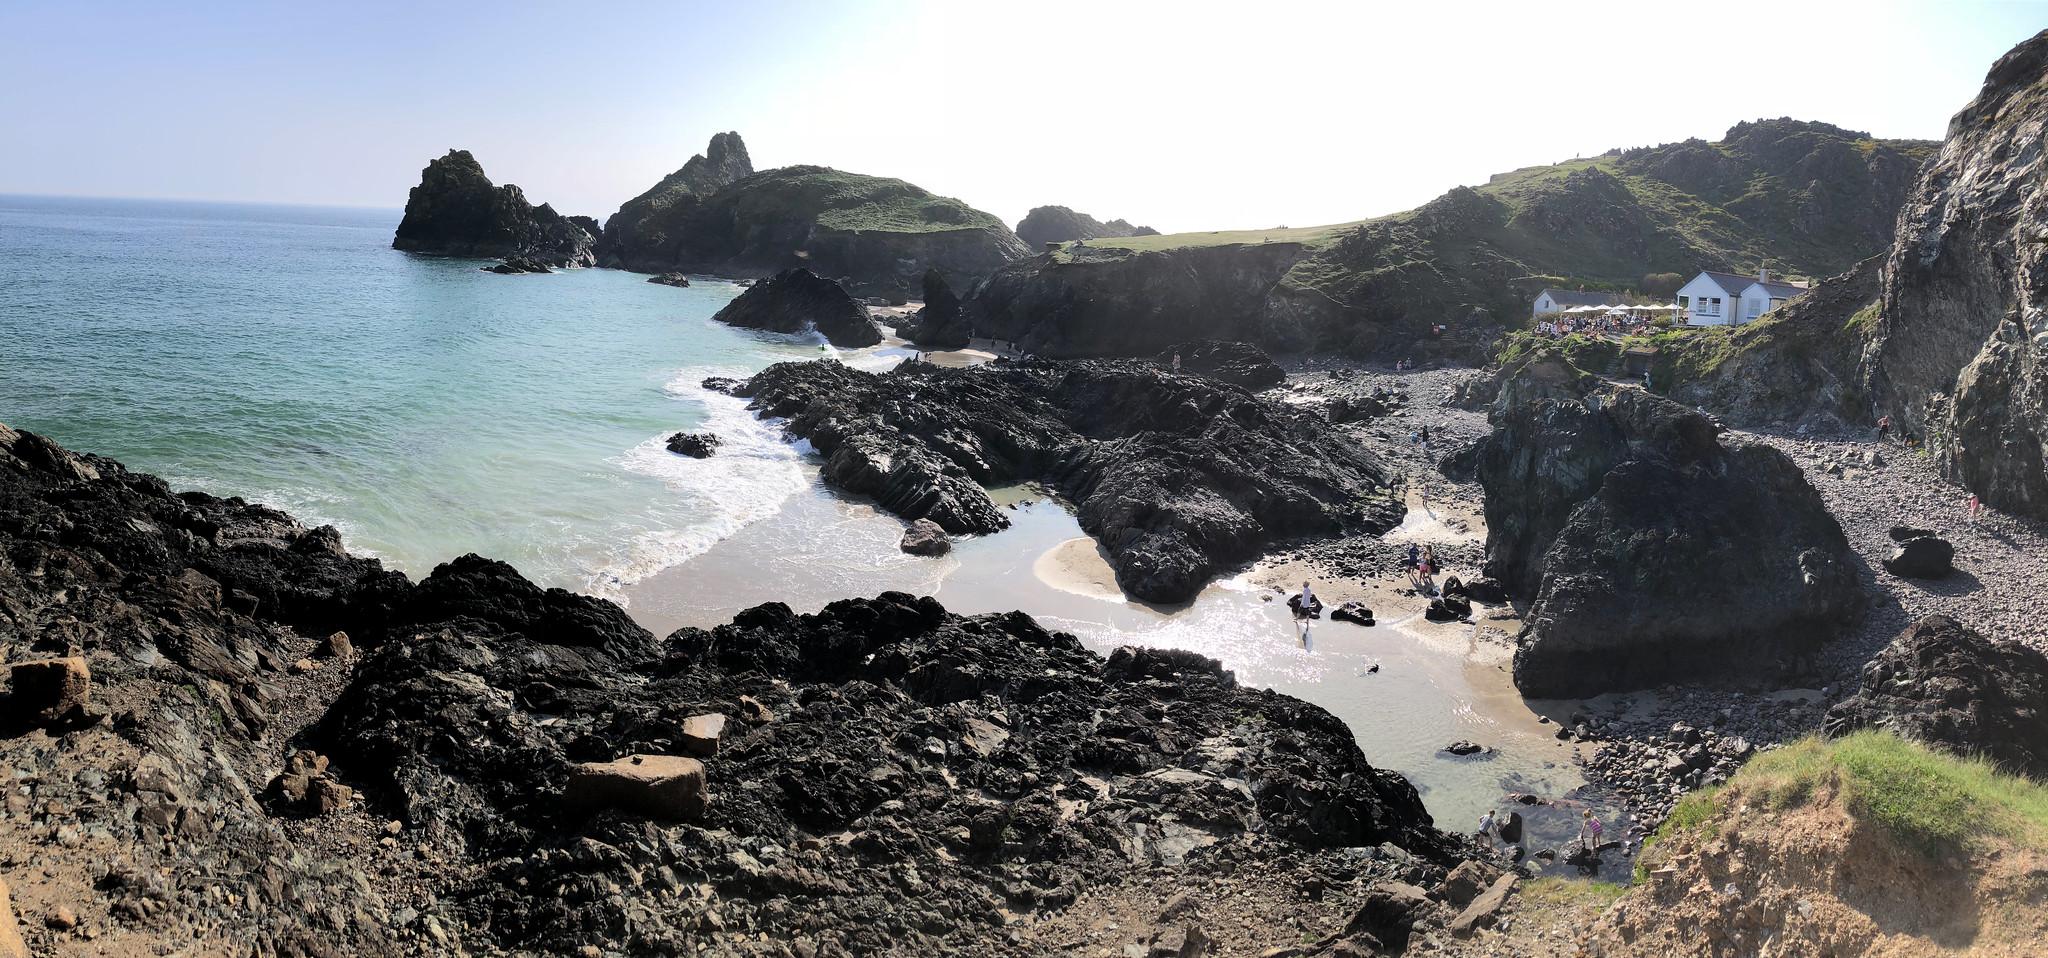 Qué ver en Cornwall, Cornualles - thewotme qué ver en cornwall - 48838147991 95ab53d28b k - Qué ver en Cornwall: ruta de 3 días